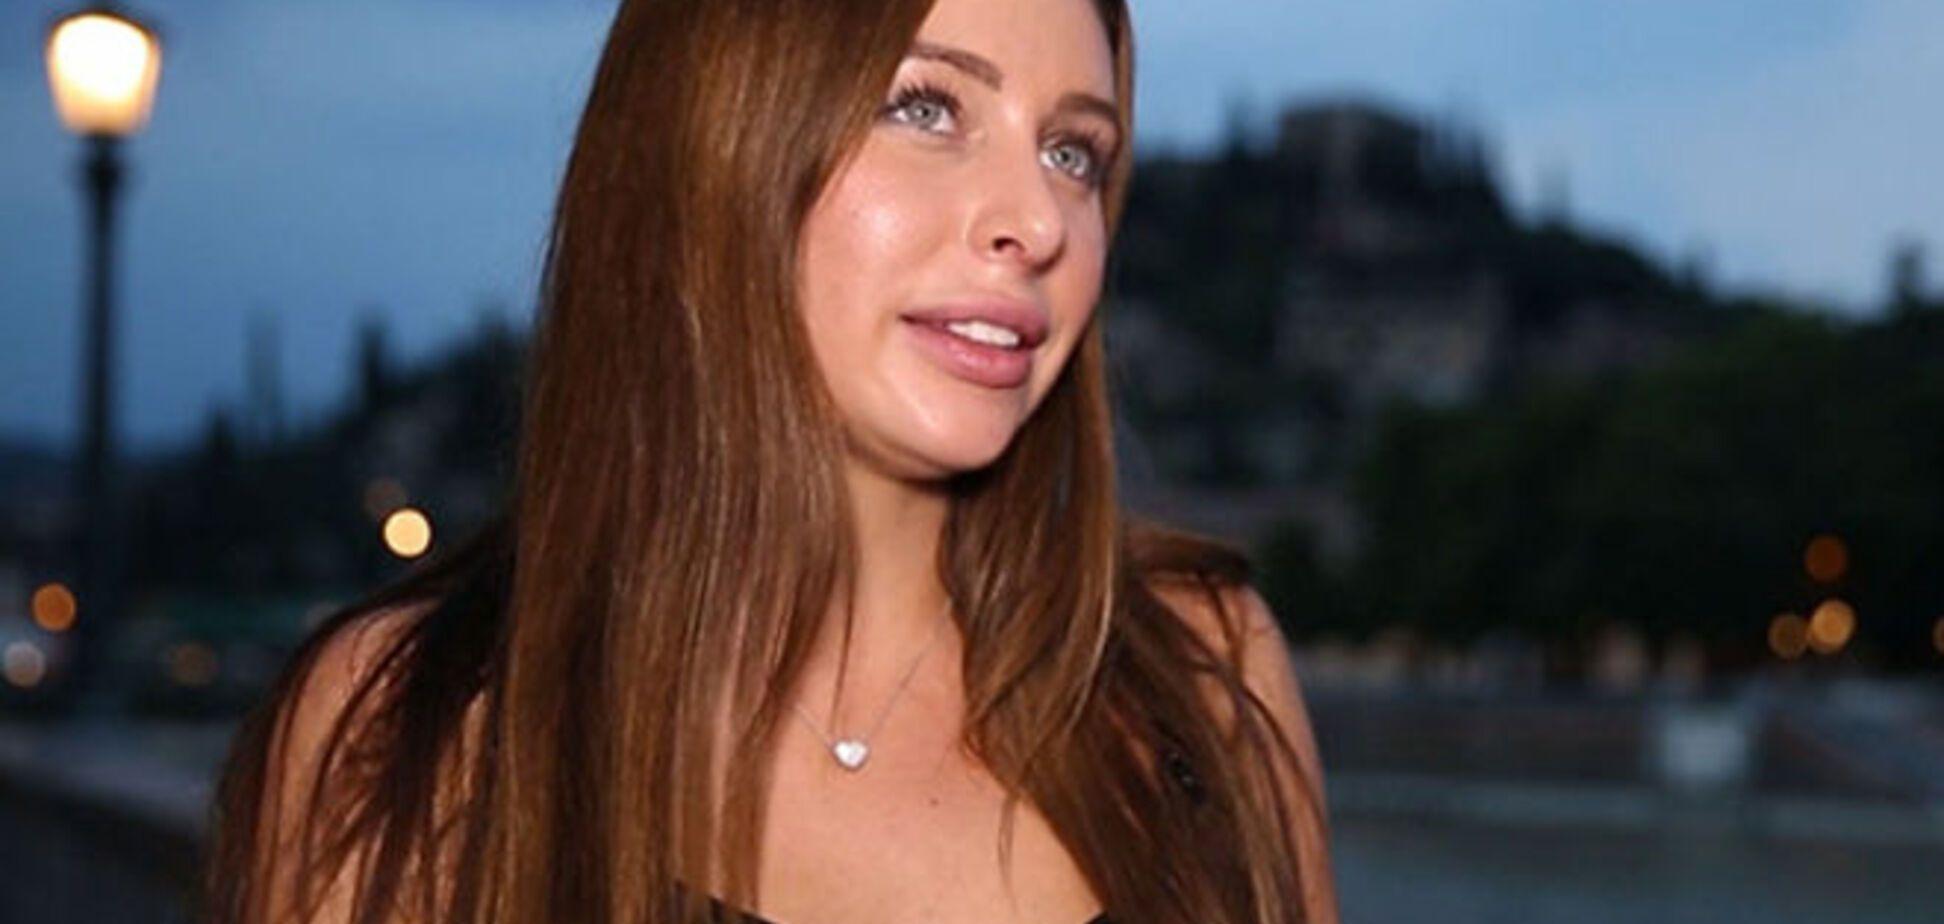 Студентка МГИМО рассказала о порнокарьере: 600 евро за тупость